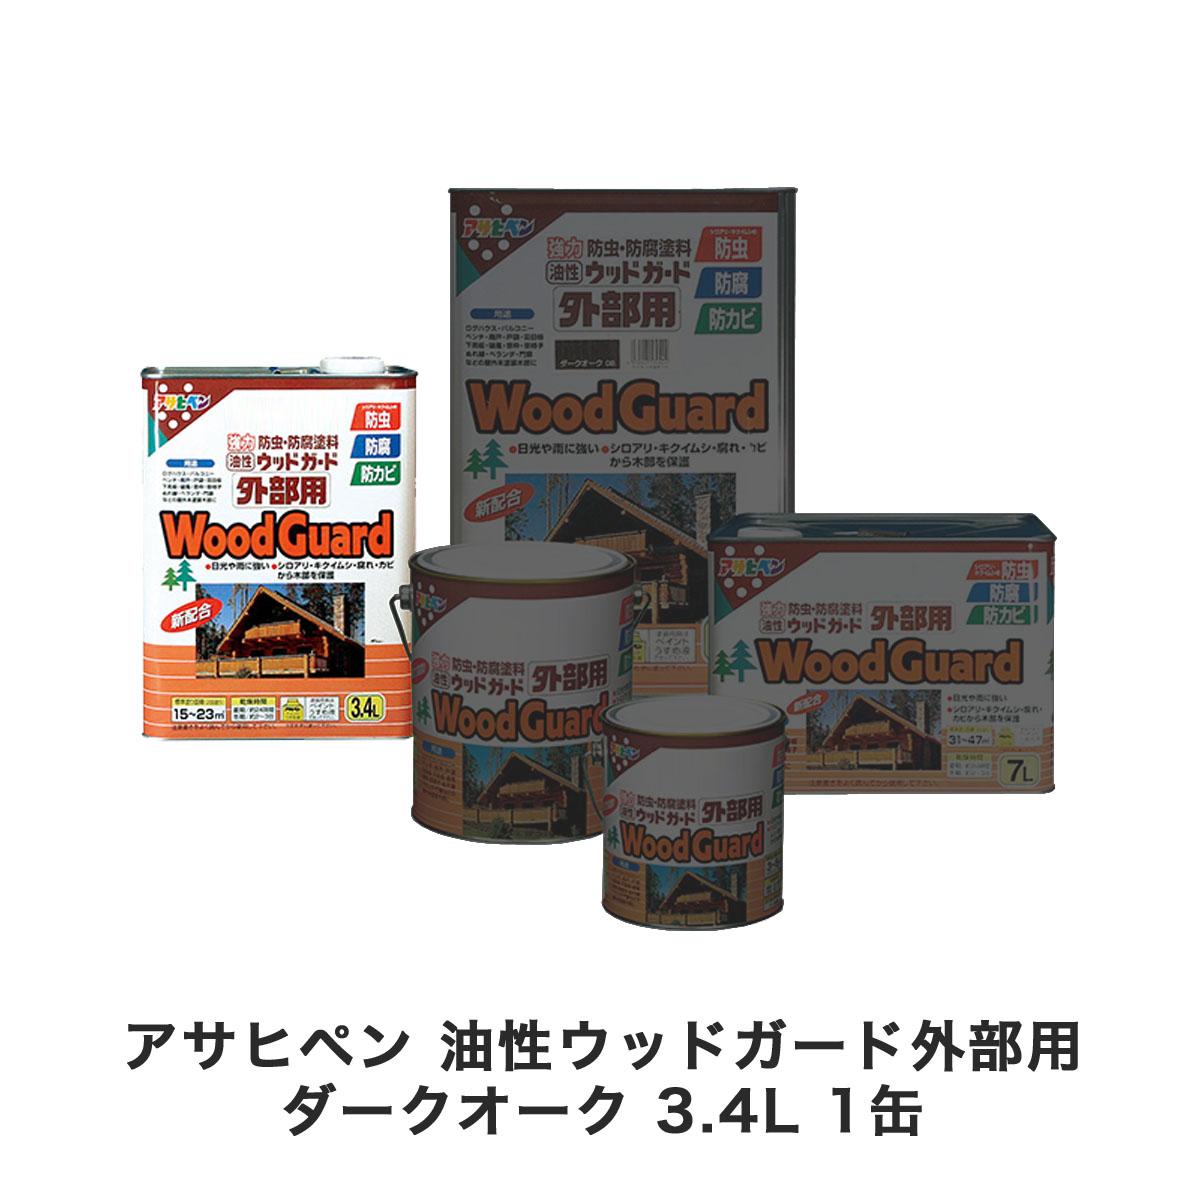 アサヒペン 油性ウッドガード外部用 ダークオーク 08 3.4L 商品型番:apwg08-34